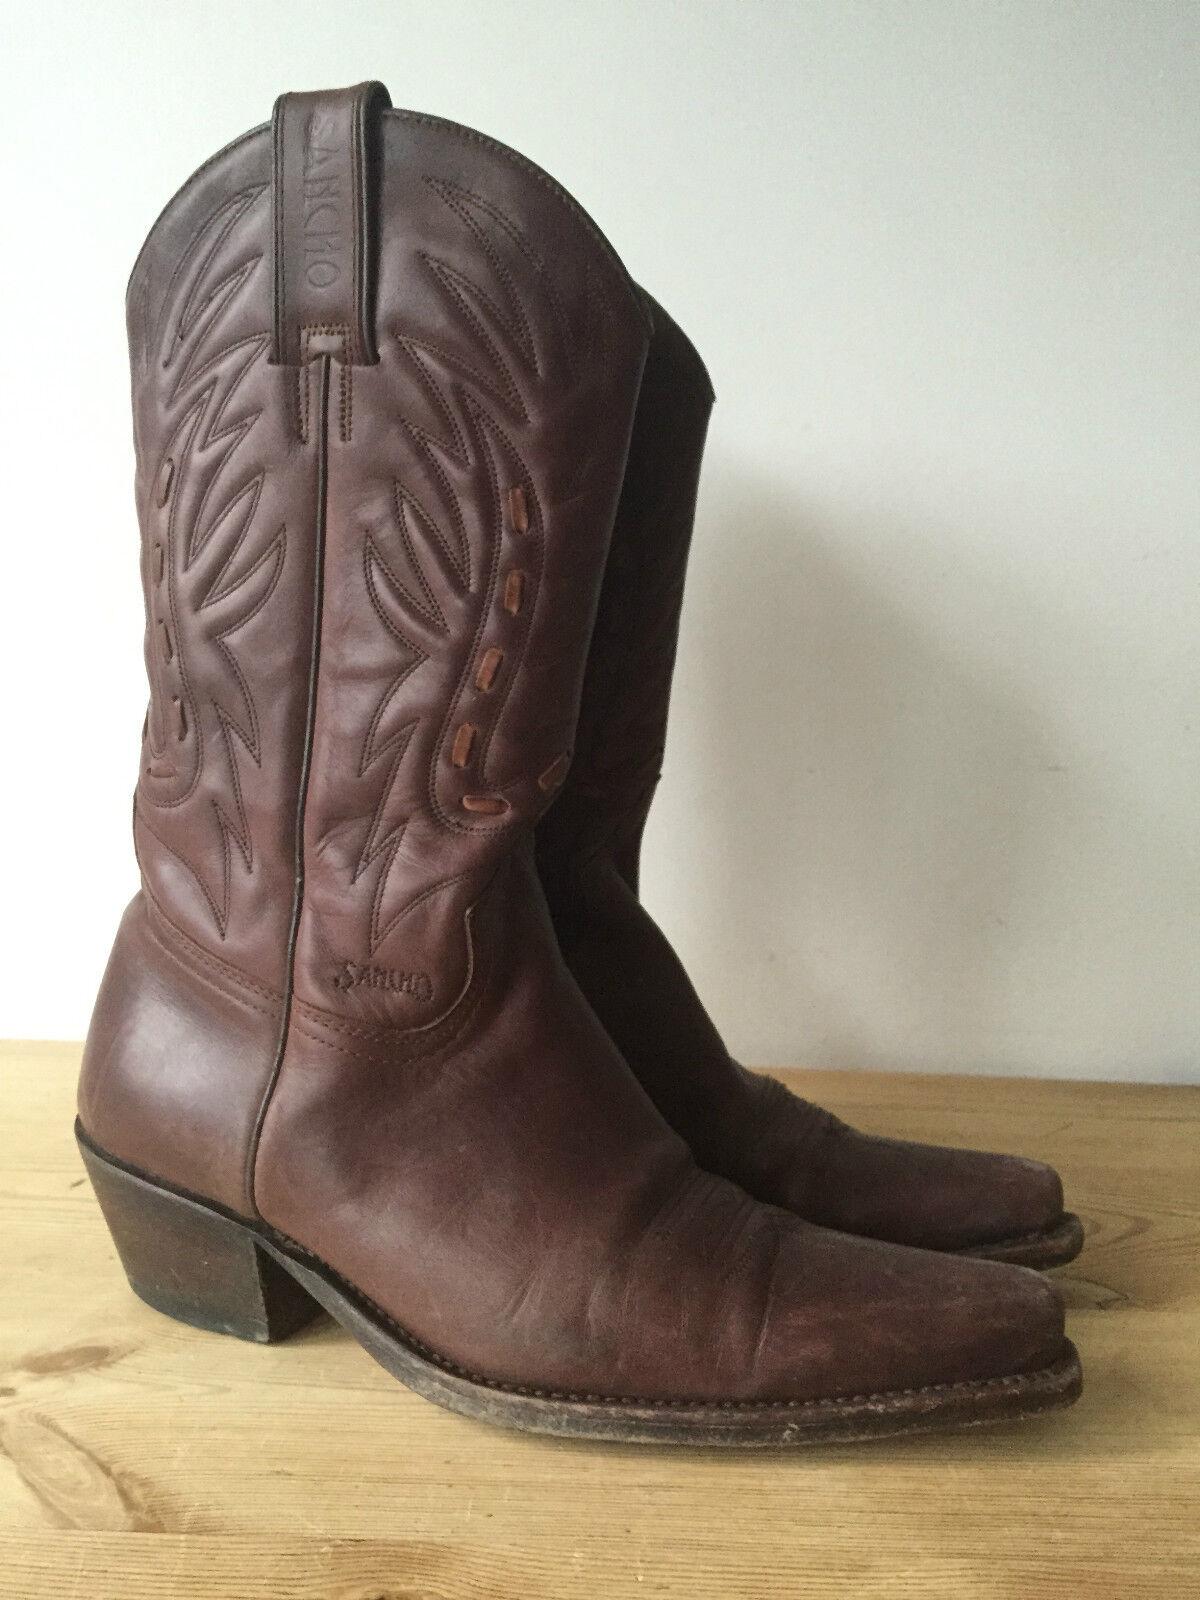 Miglior prezzo SANCHO SANCHO SANCHO Donna Marrone Pelle Al Polpaccio Stivali Da Cowboy UK5  risparmia il 35% - 70% di sconto